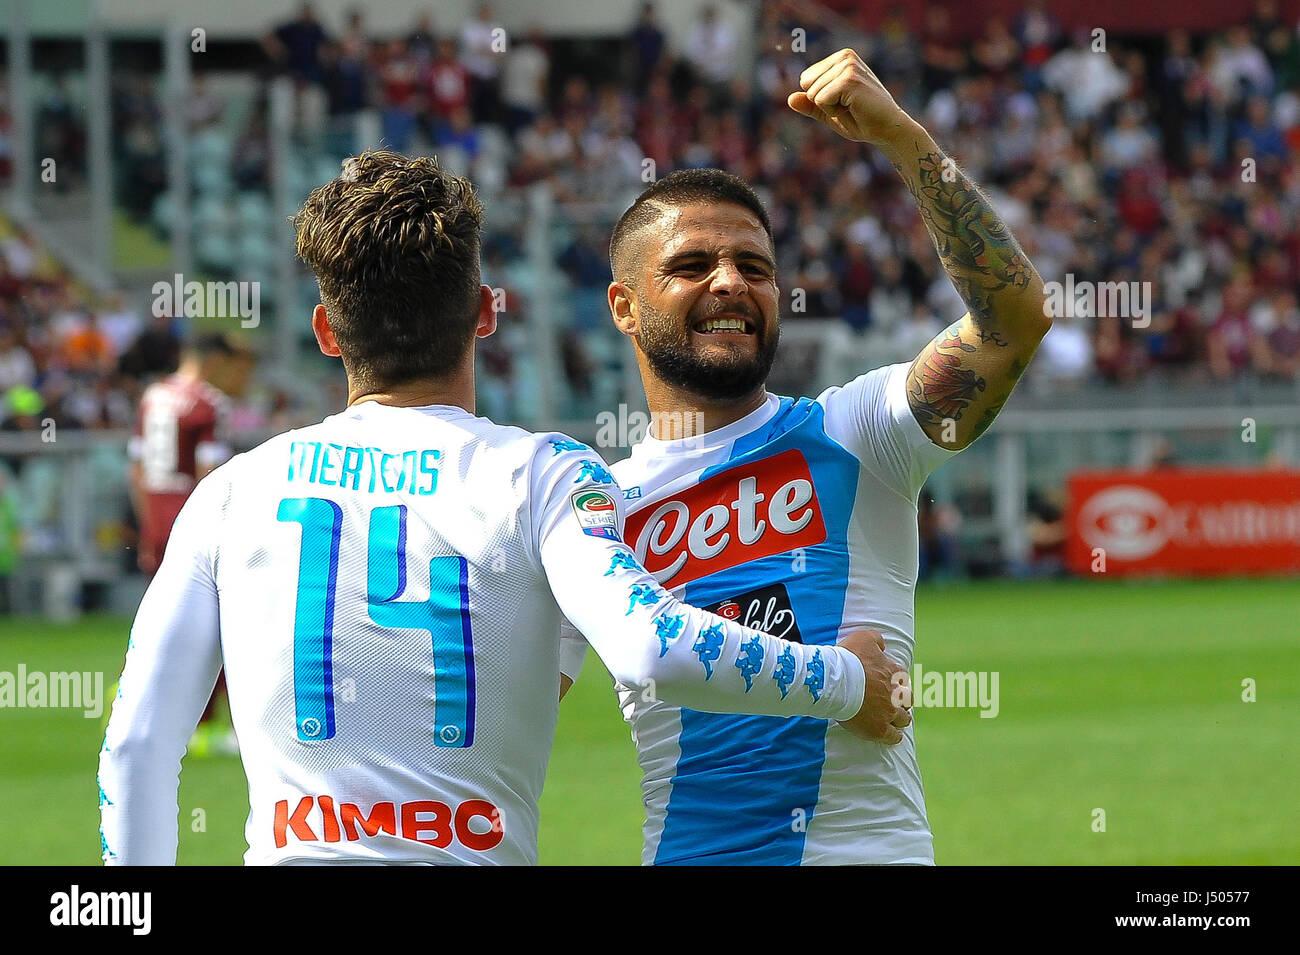 Torino, Italia. 14 Maggio, 2017. Lorenzo Insigne e Mertens durante il match di Serie A TIM tra Torino FC e SSC Napoli Immagini Stock